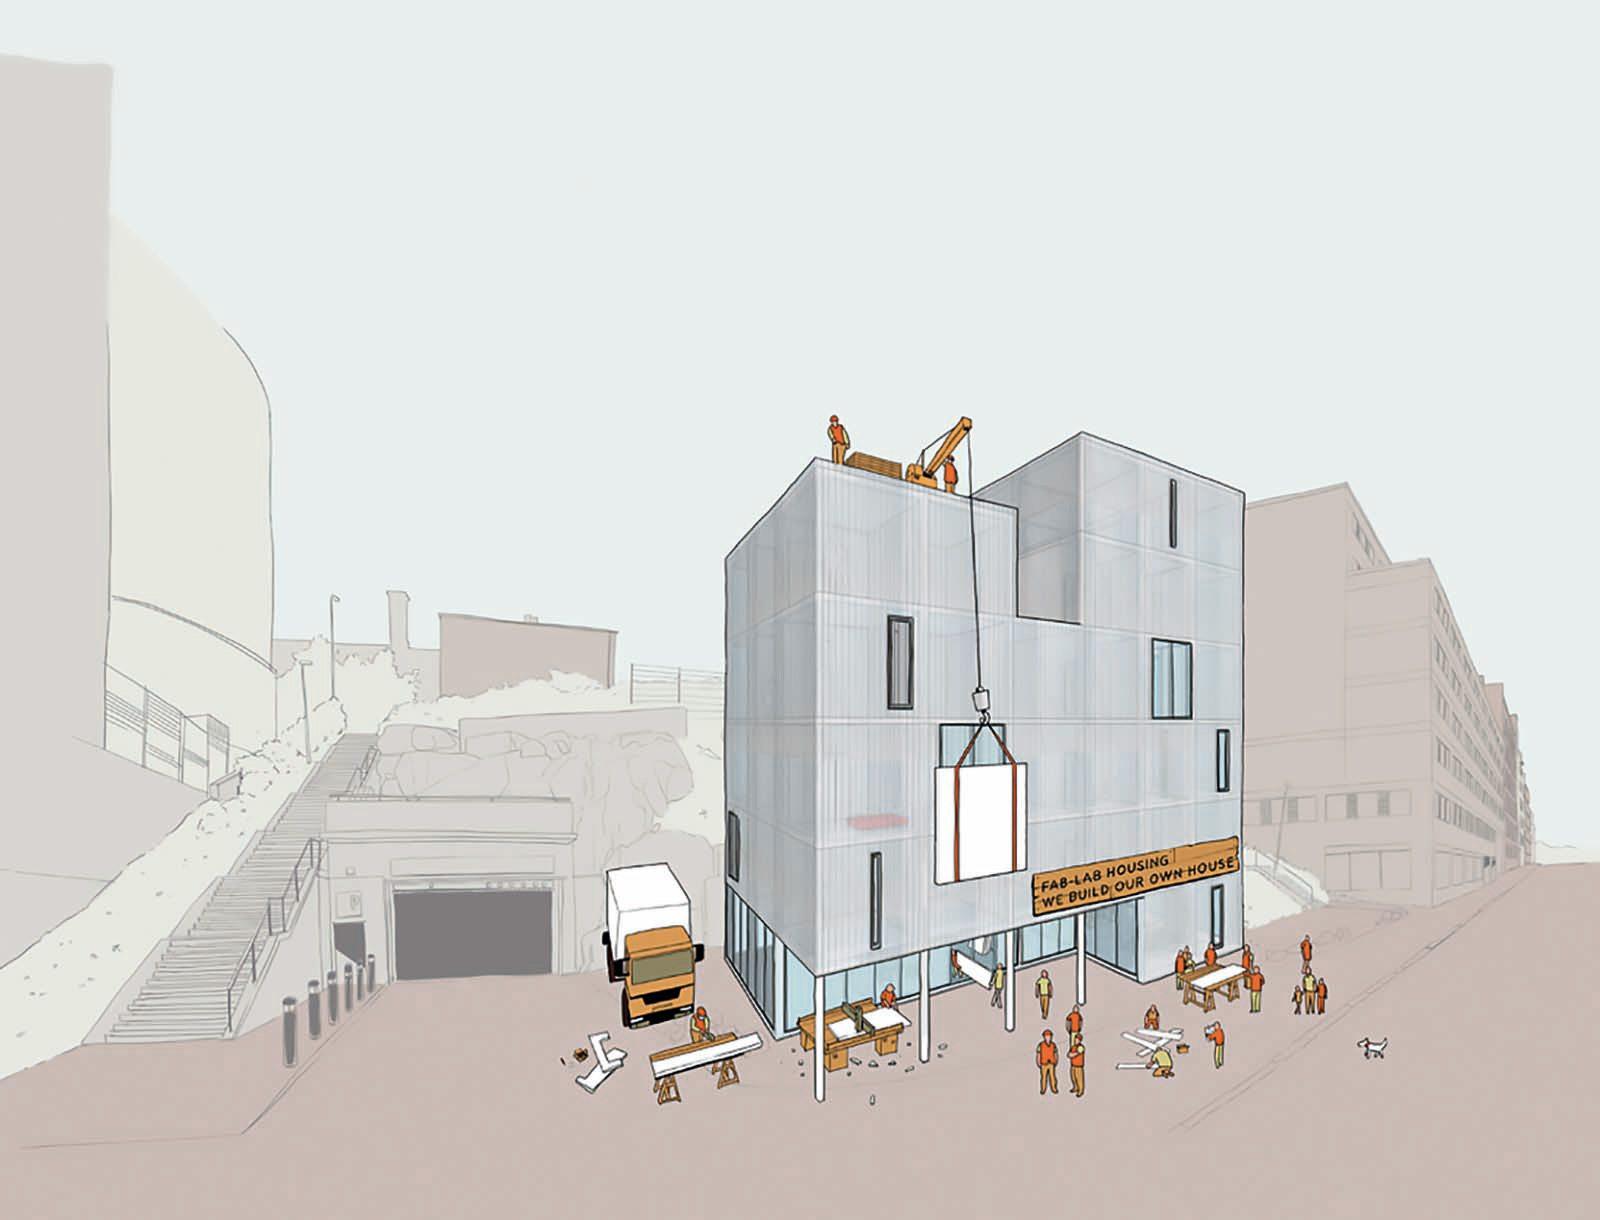 Arrival City 4.0.  Vorschlag von Drexler Guinand Jauslin Architekten, Finnischer Pavillon der Architekturbiennale